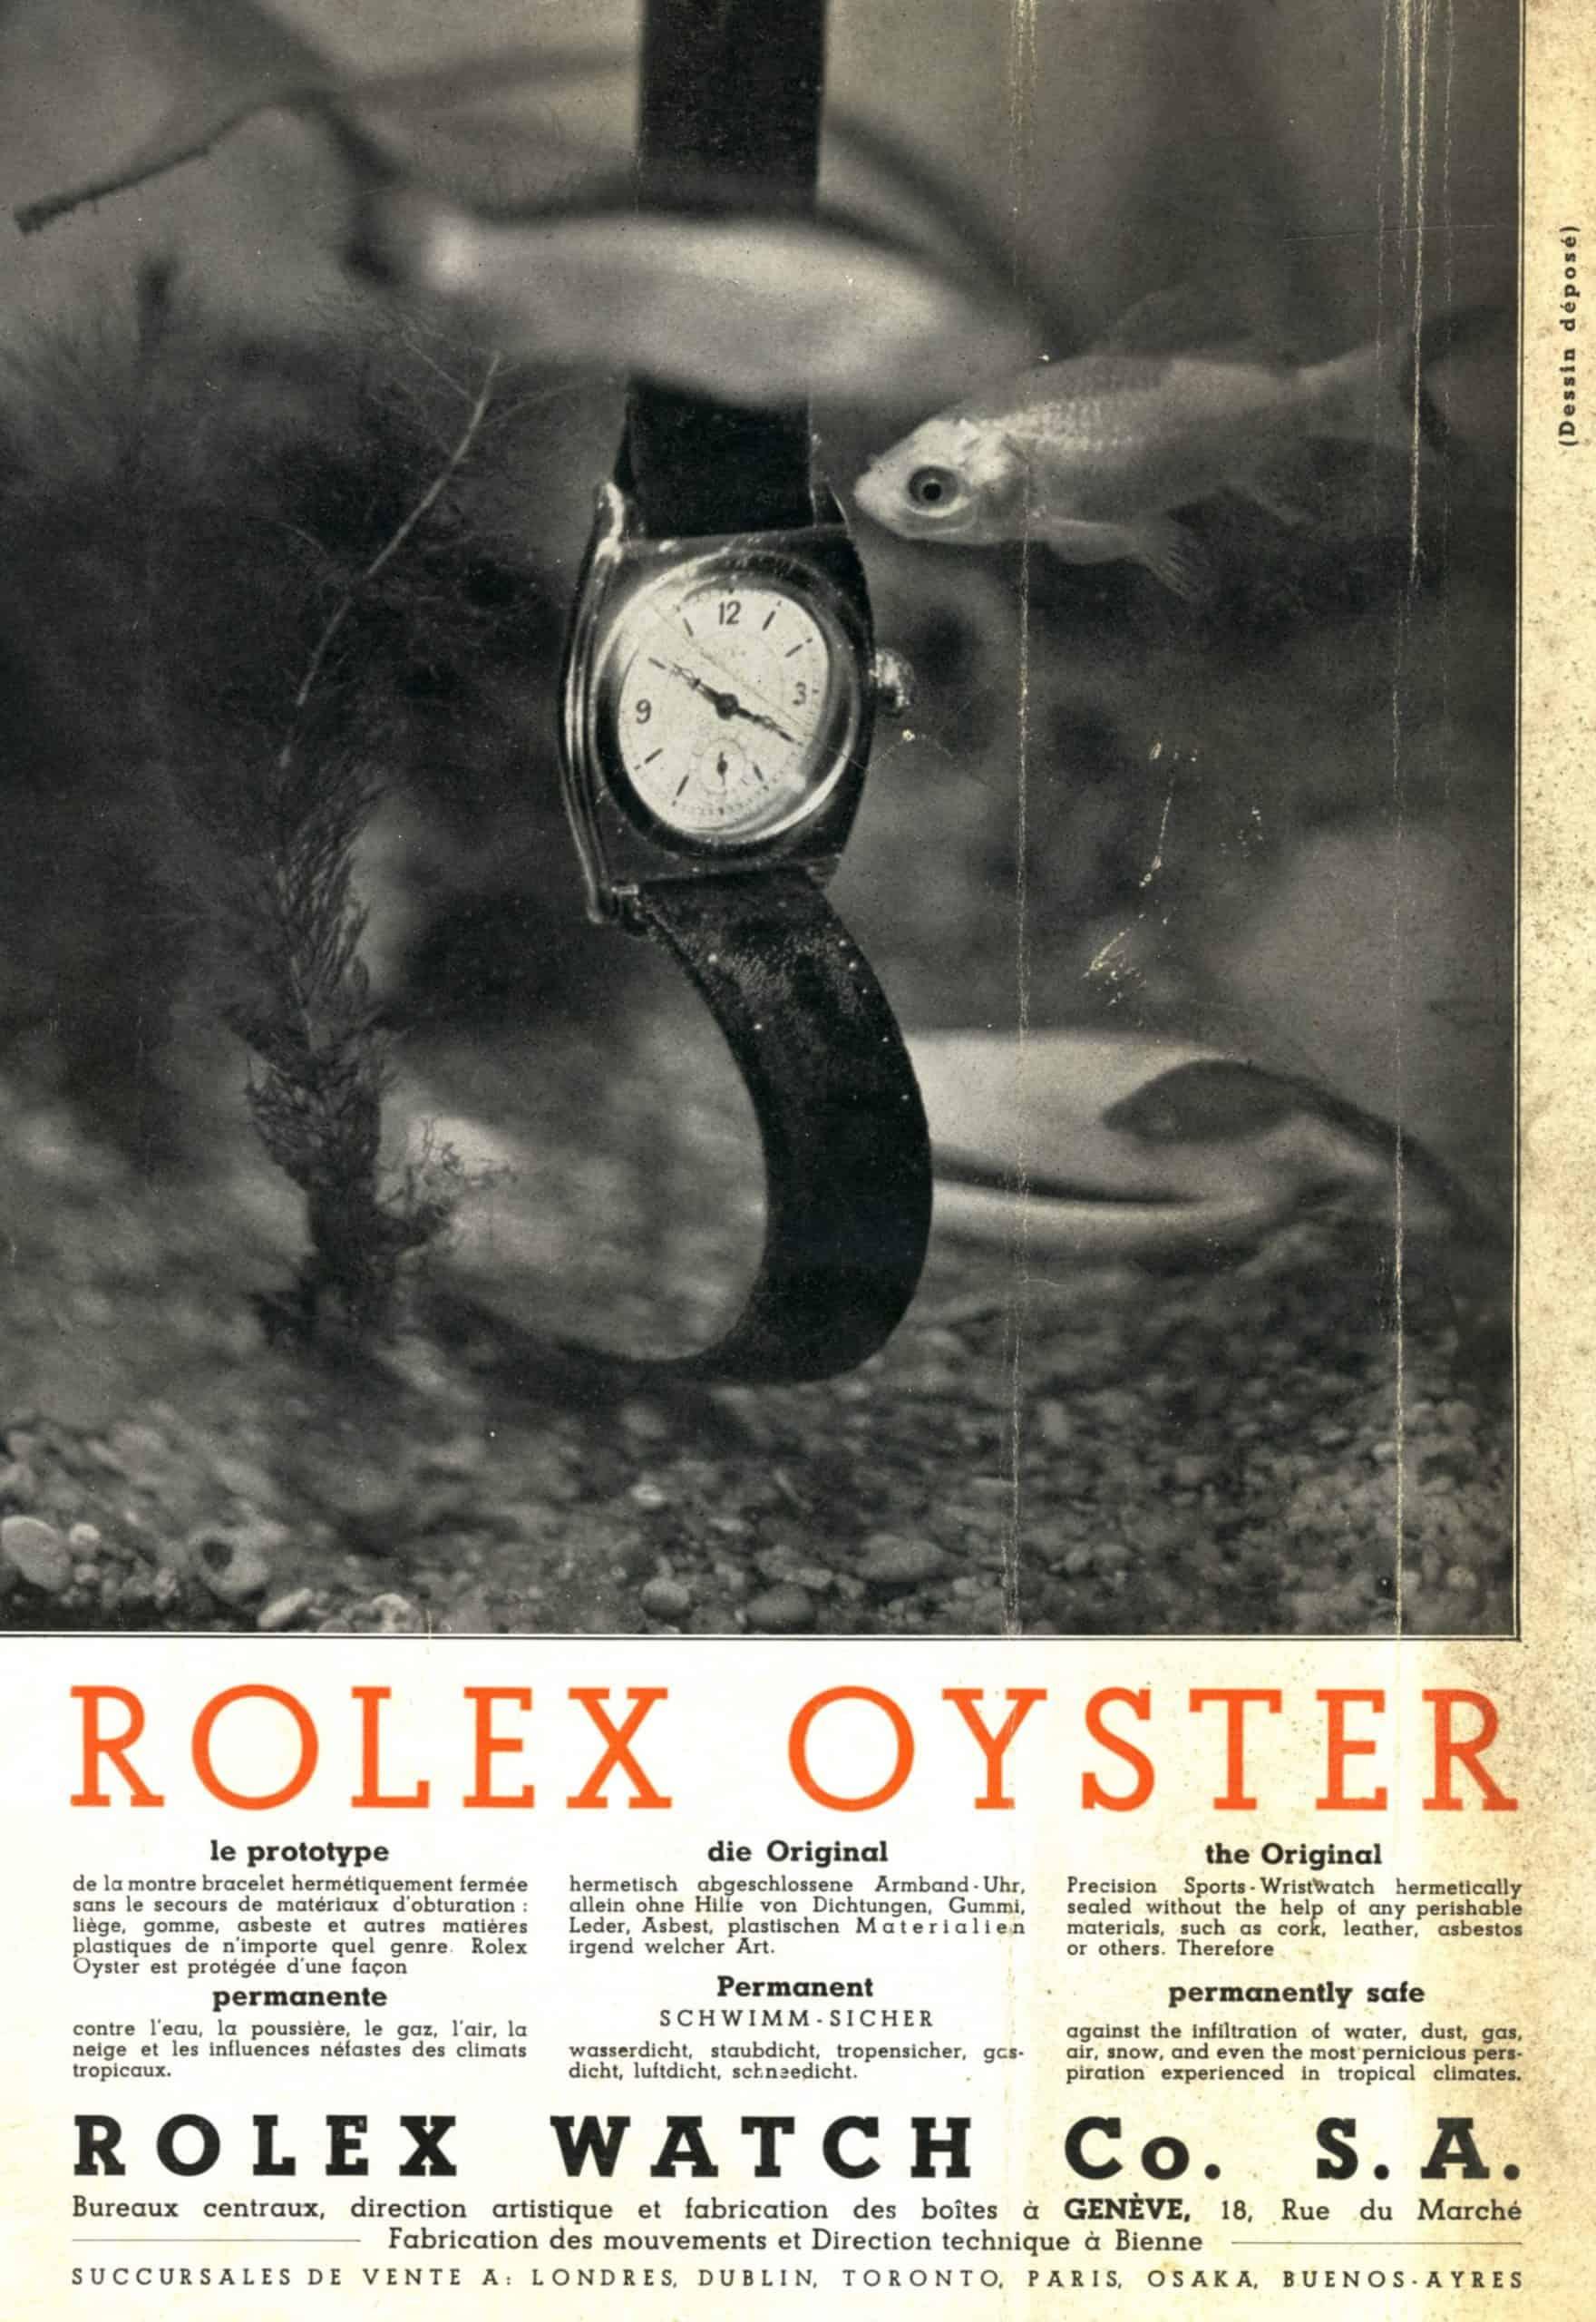 Alte Reklame Rolex Oyster Darstellung Produktvorteile Aquarium